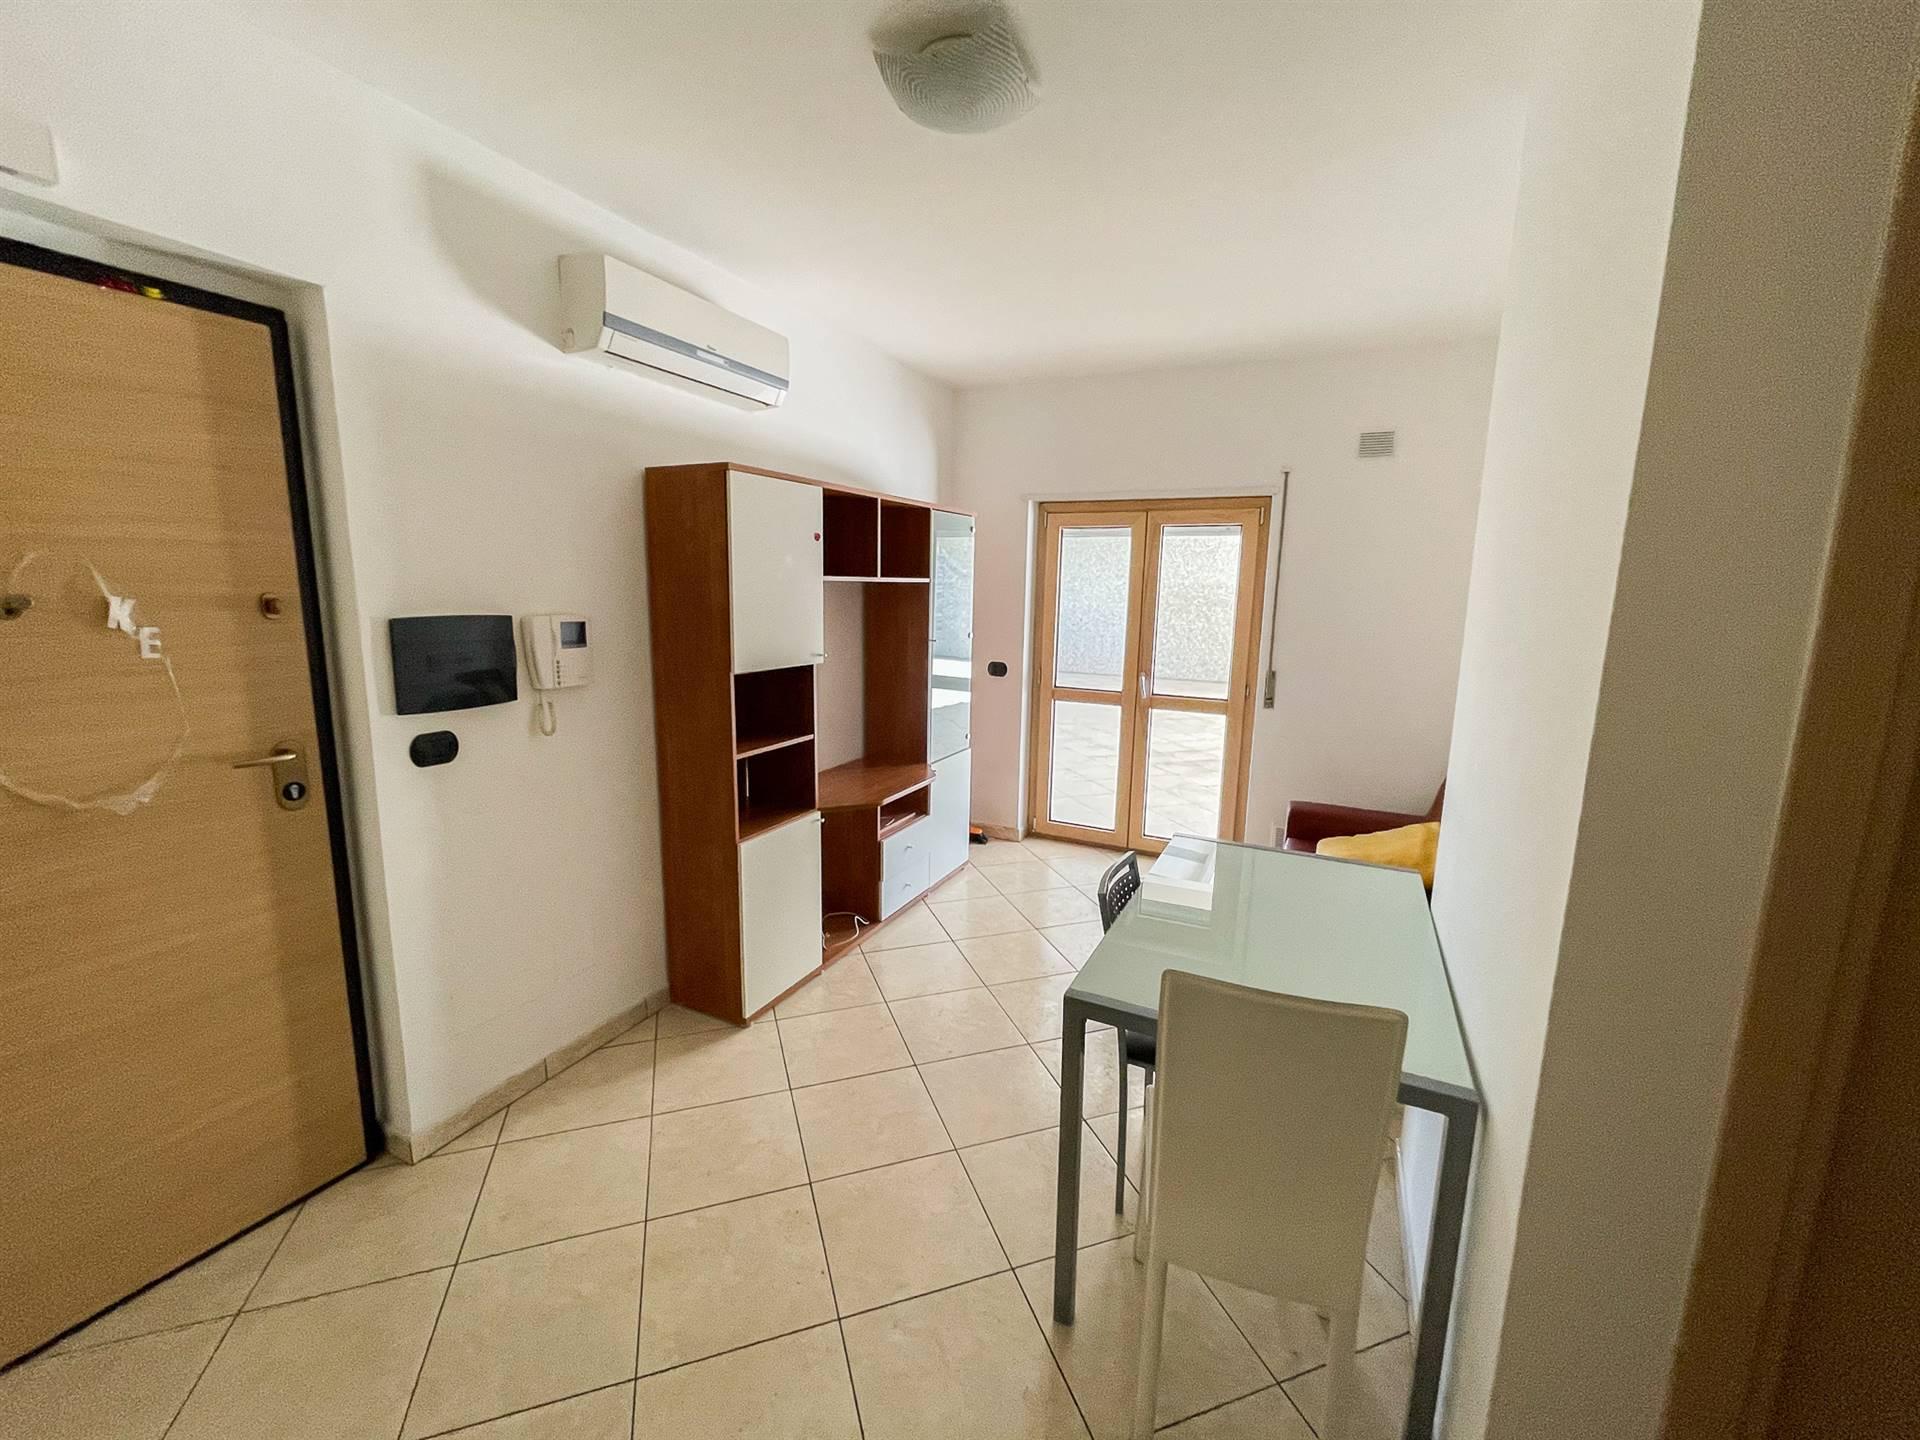 QUATTROMIGLIA, RENDE, Appartamento in affitto di 90 Mq, Seminuovo, Riscaldamento Autonomo, Classe energetica: B, posto al piano 4° su 6, composto da: